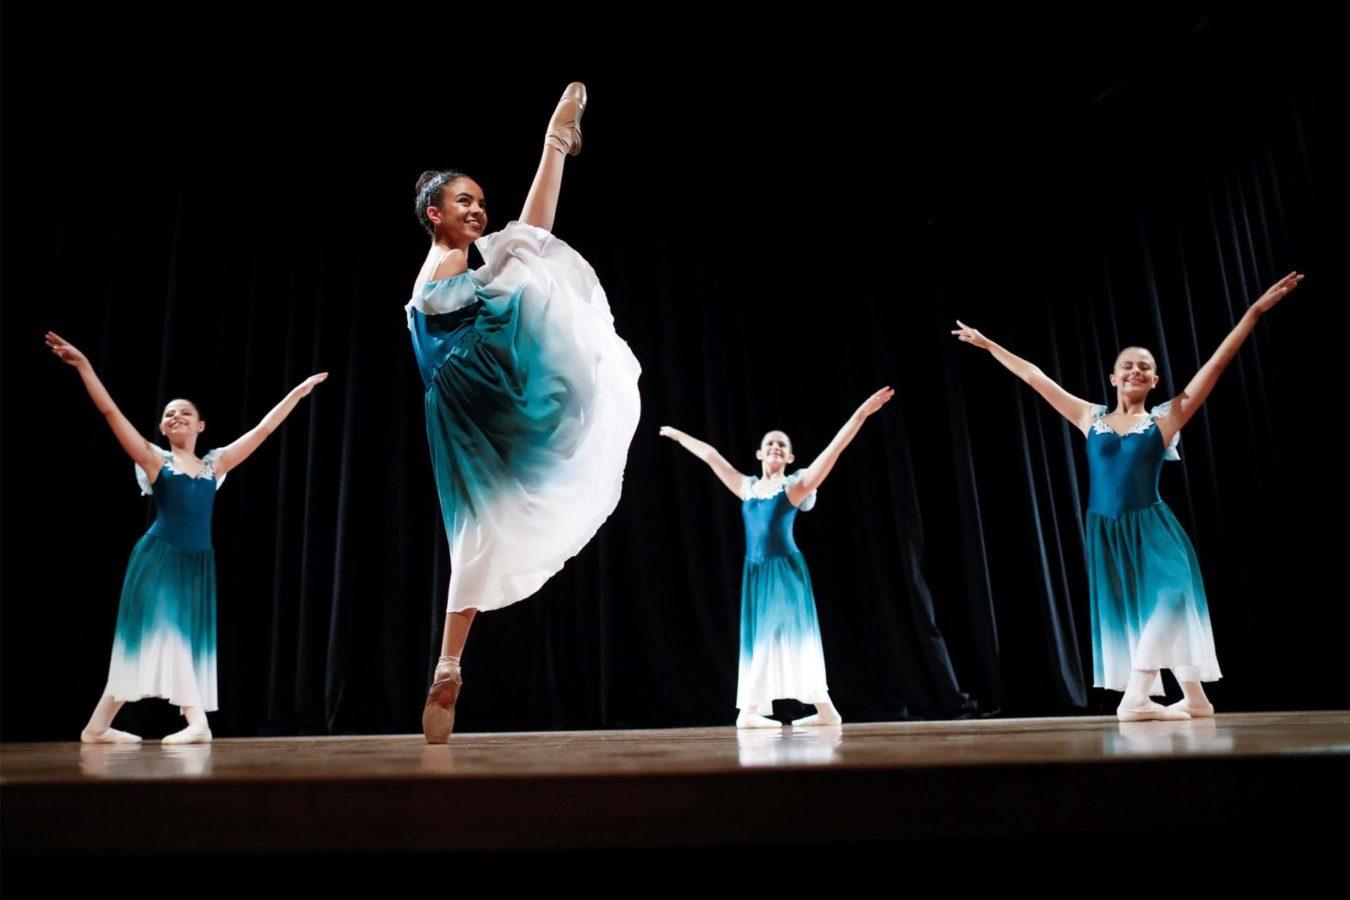 Бразильська балерина танцює без рук